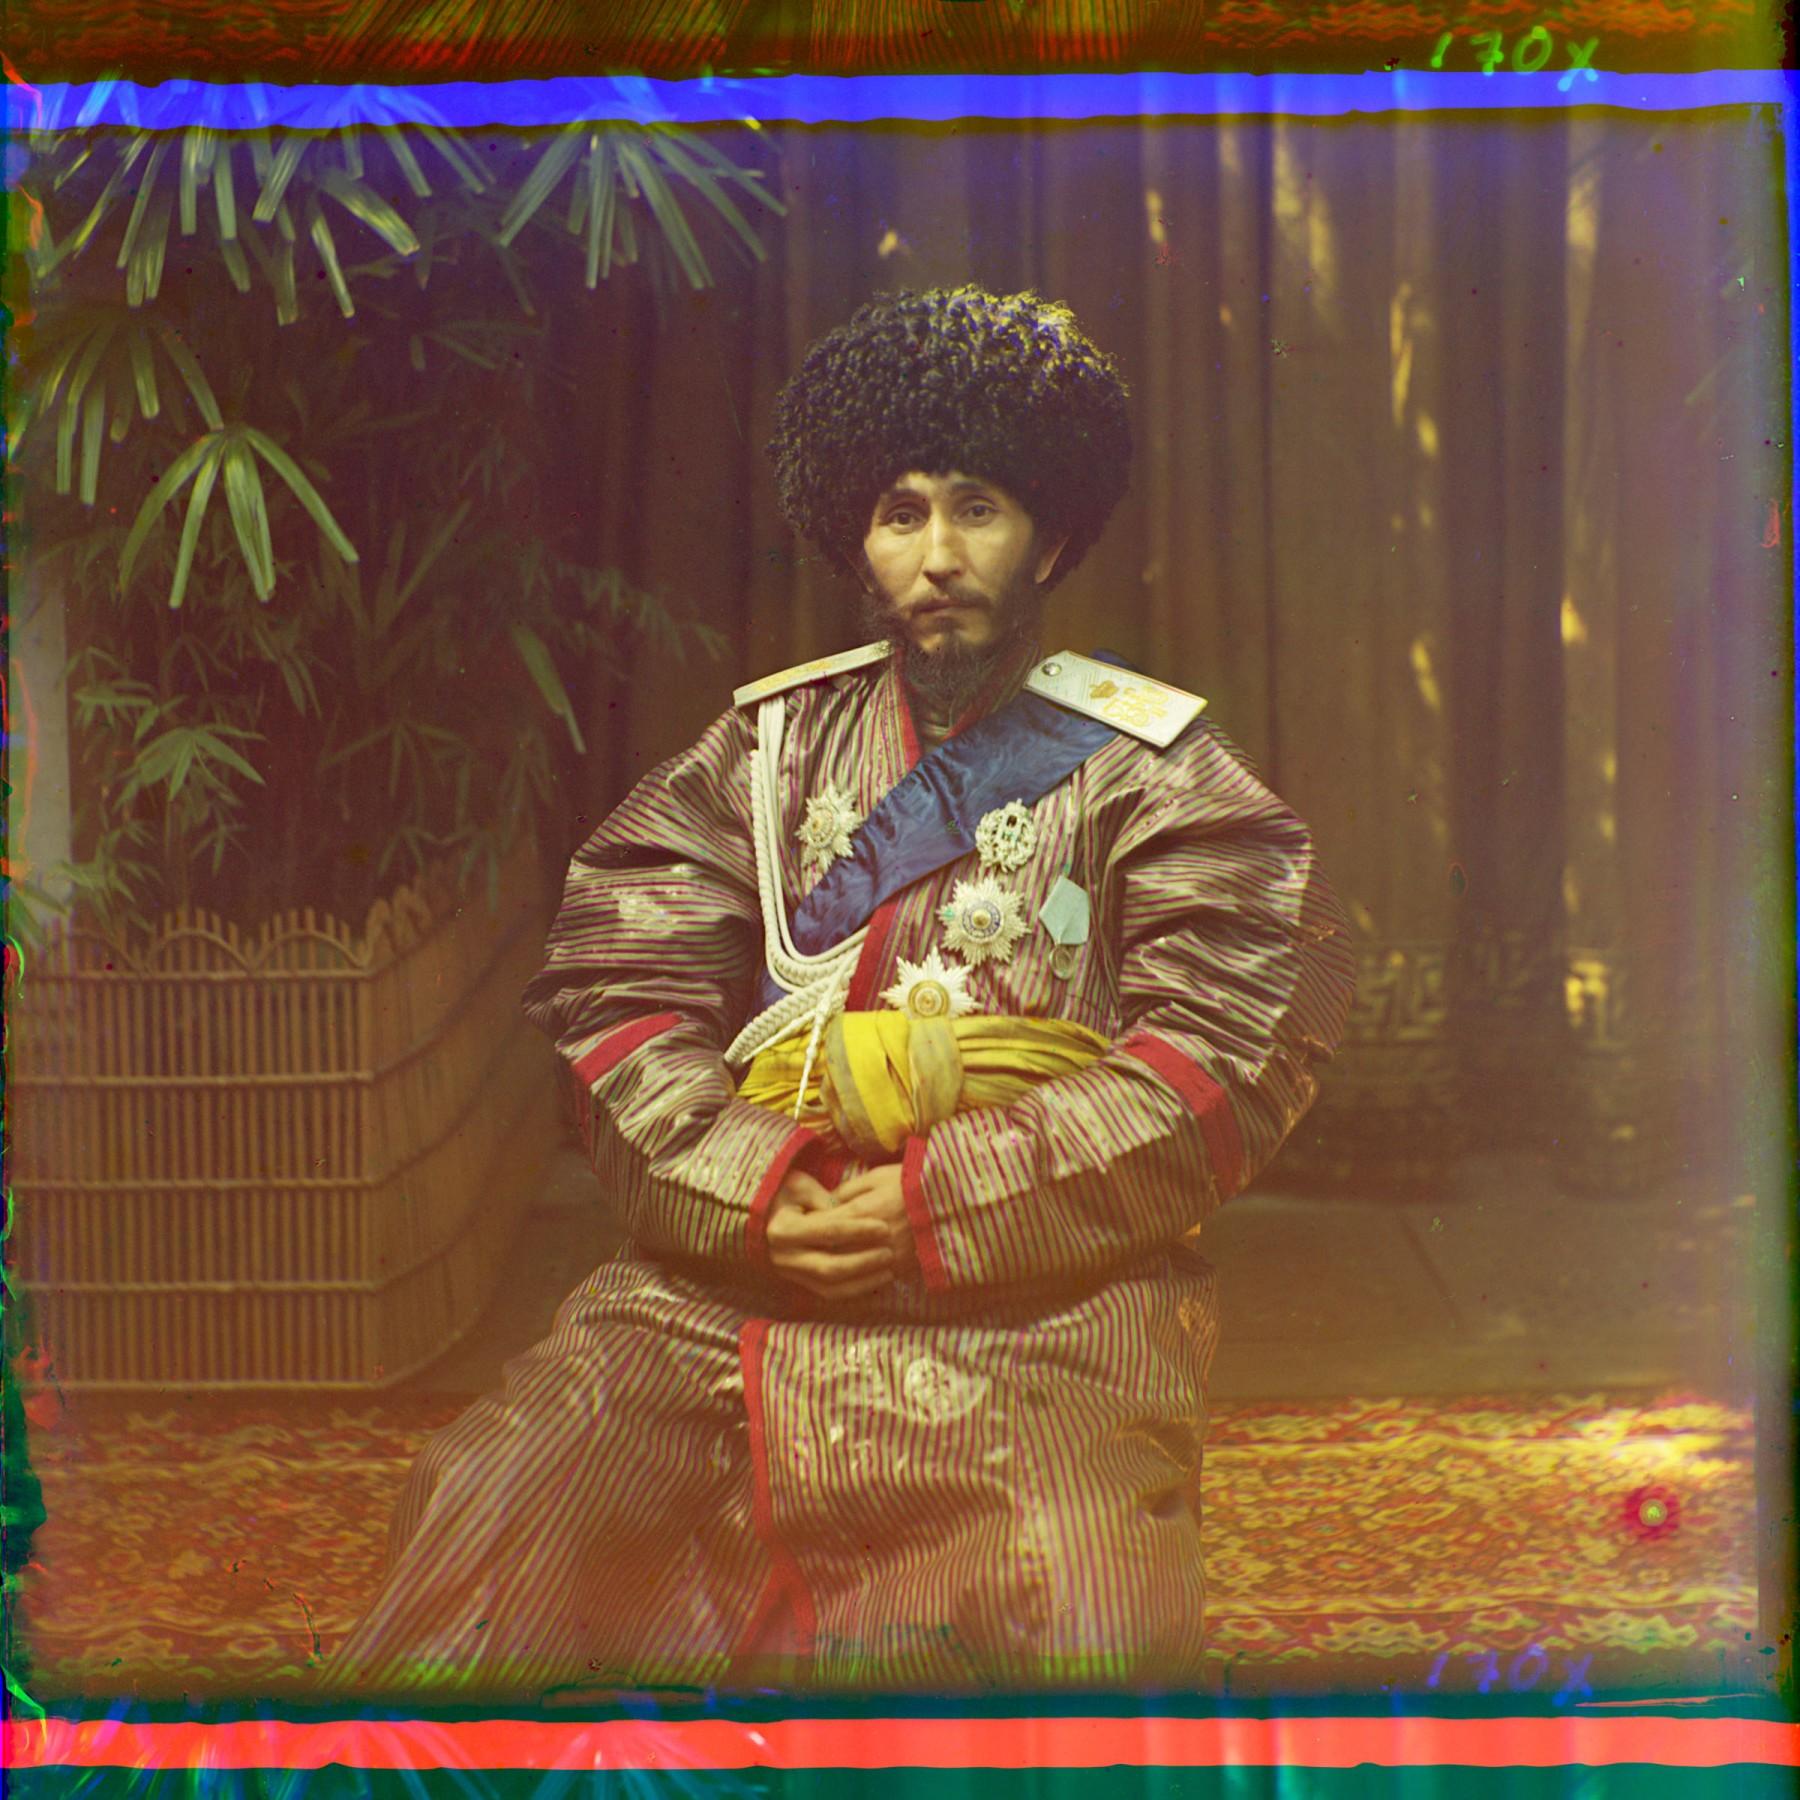 _0008_Prokudin-Gorskii_0008.png